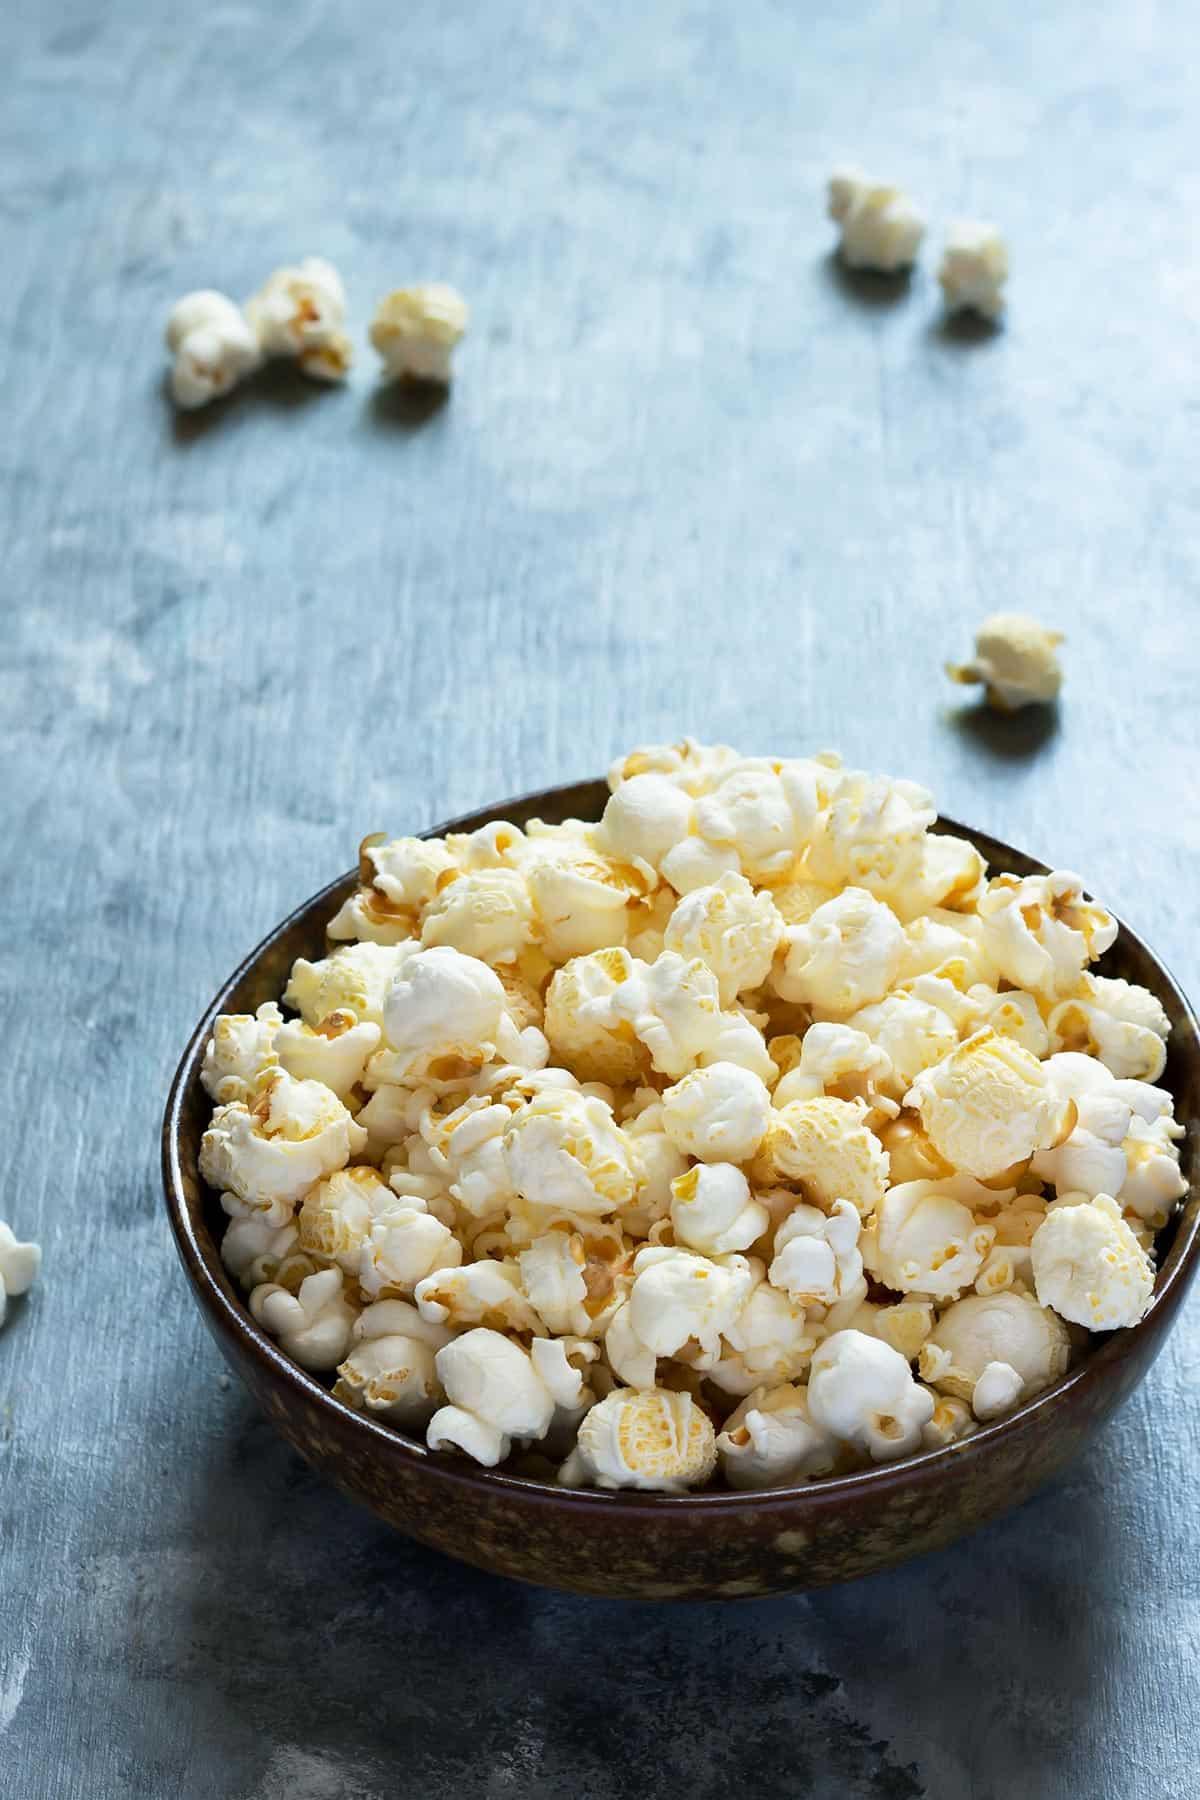 Bowl of Freshly Popped Popcorn